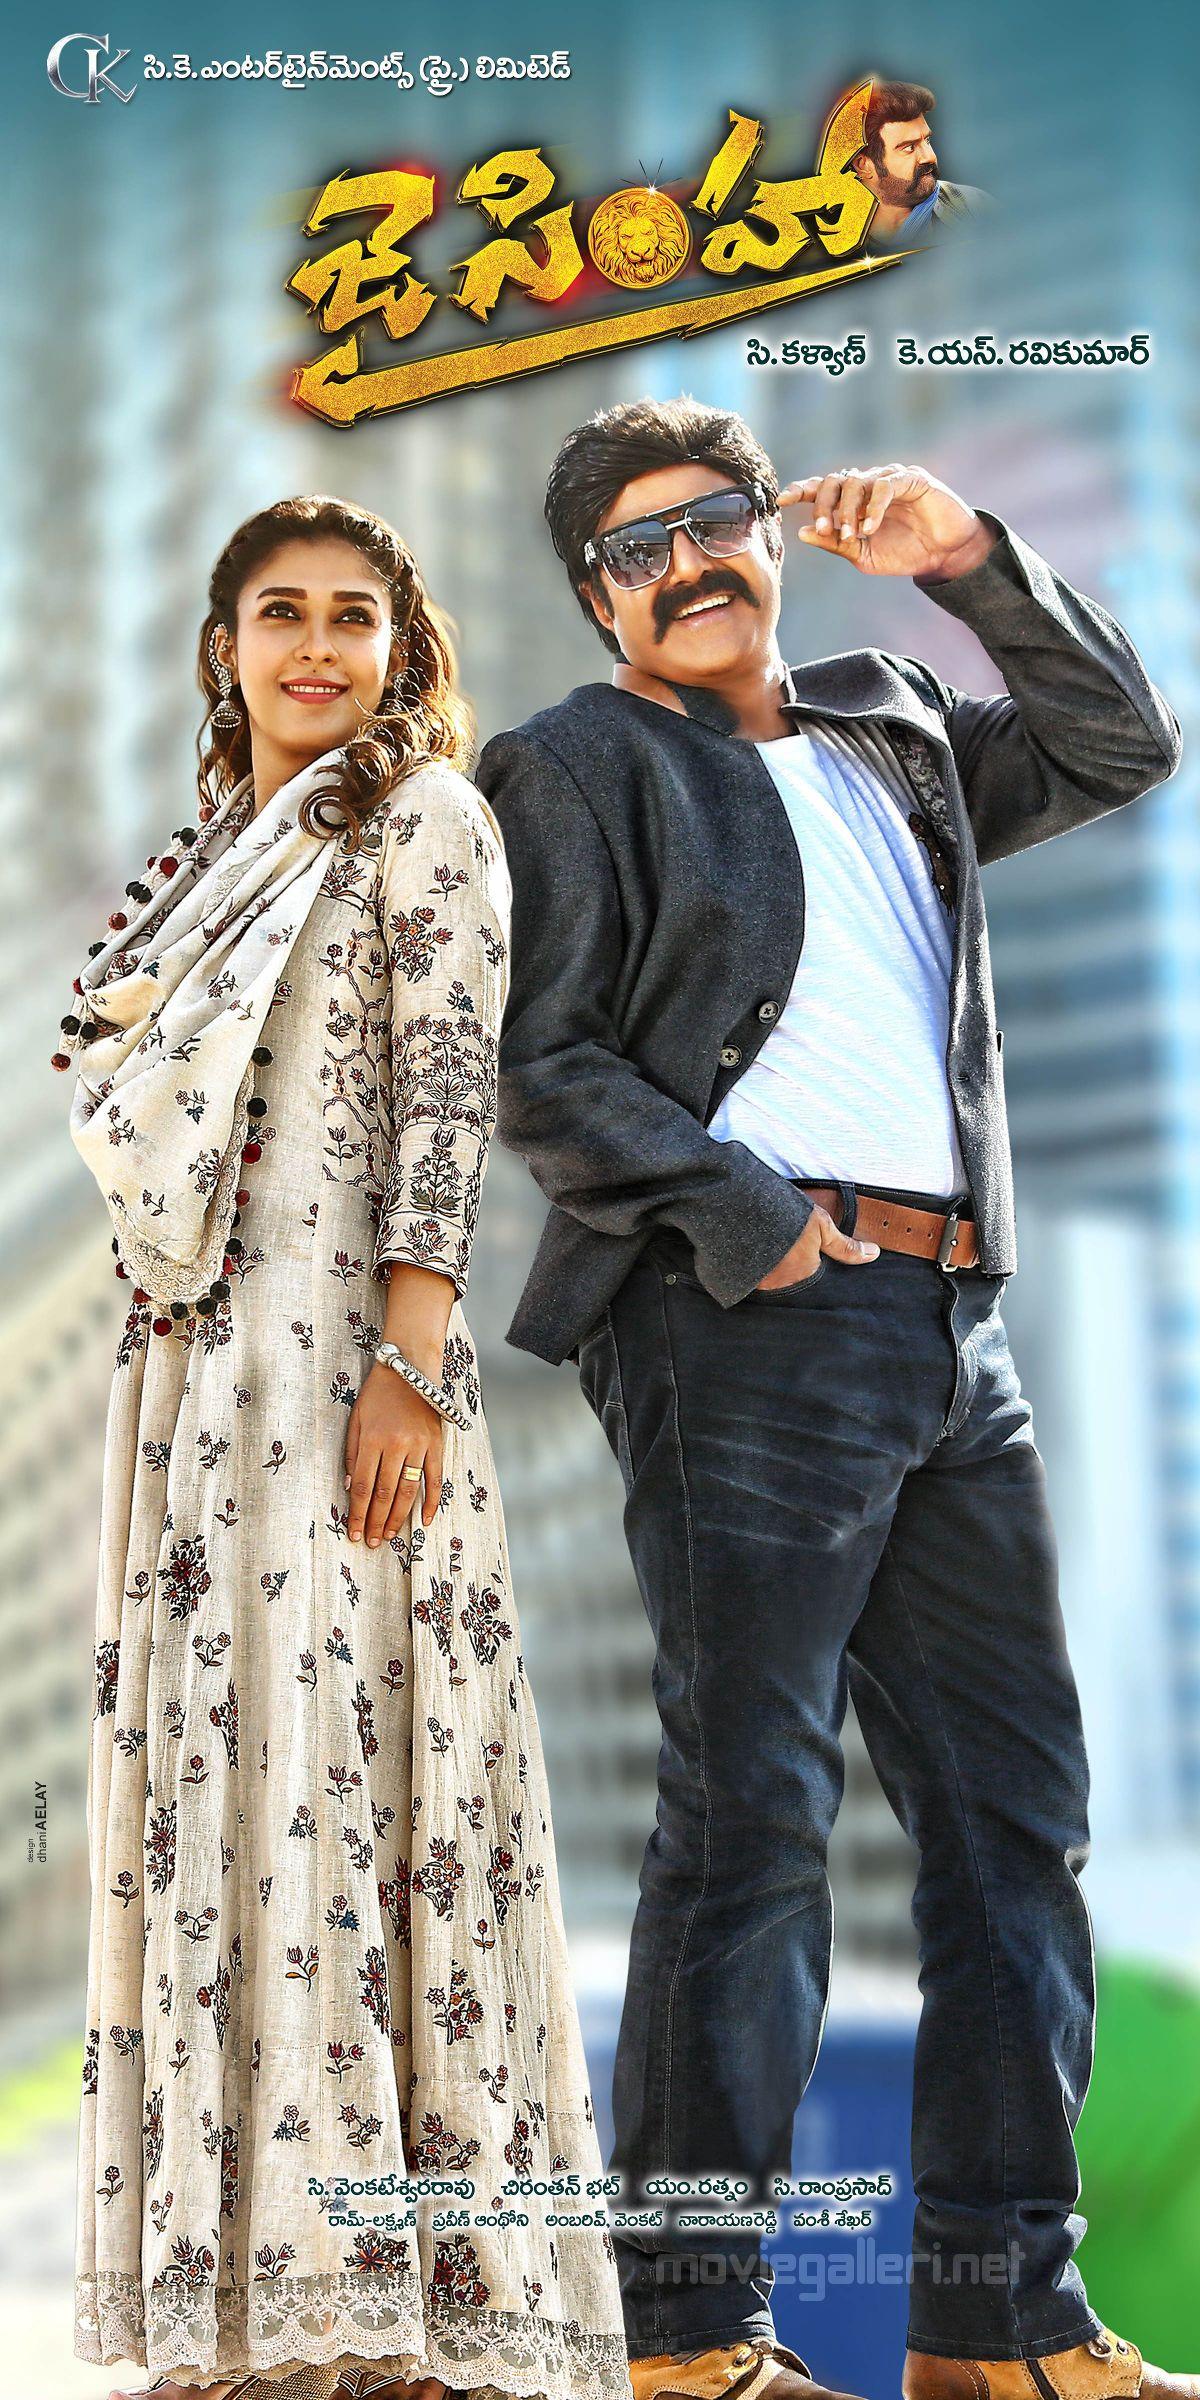 Balakrishna Nayanthara Jai Simha Poster In 2020 Telugu Movies Download Full Movies Online Free Hd Movies Download